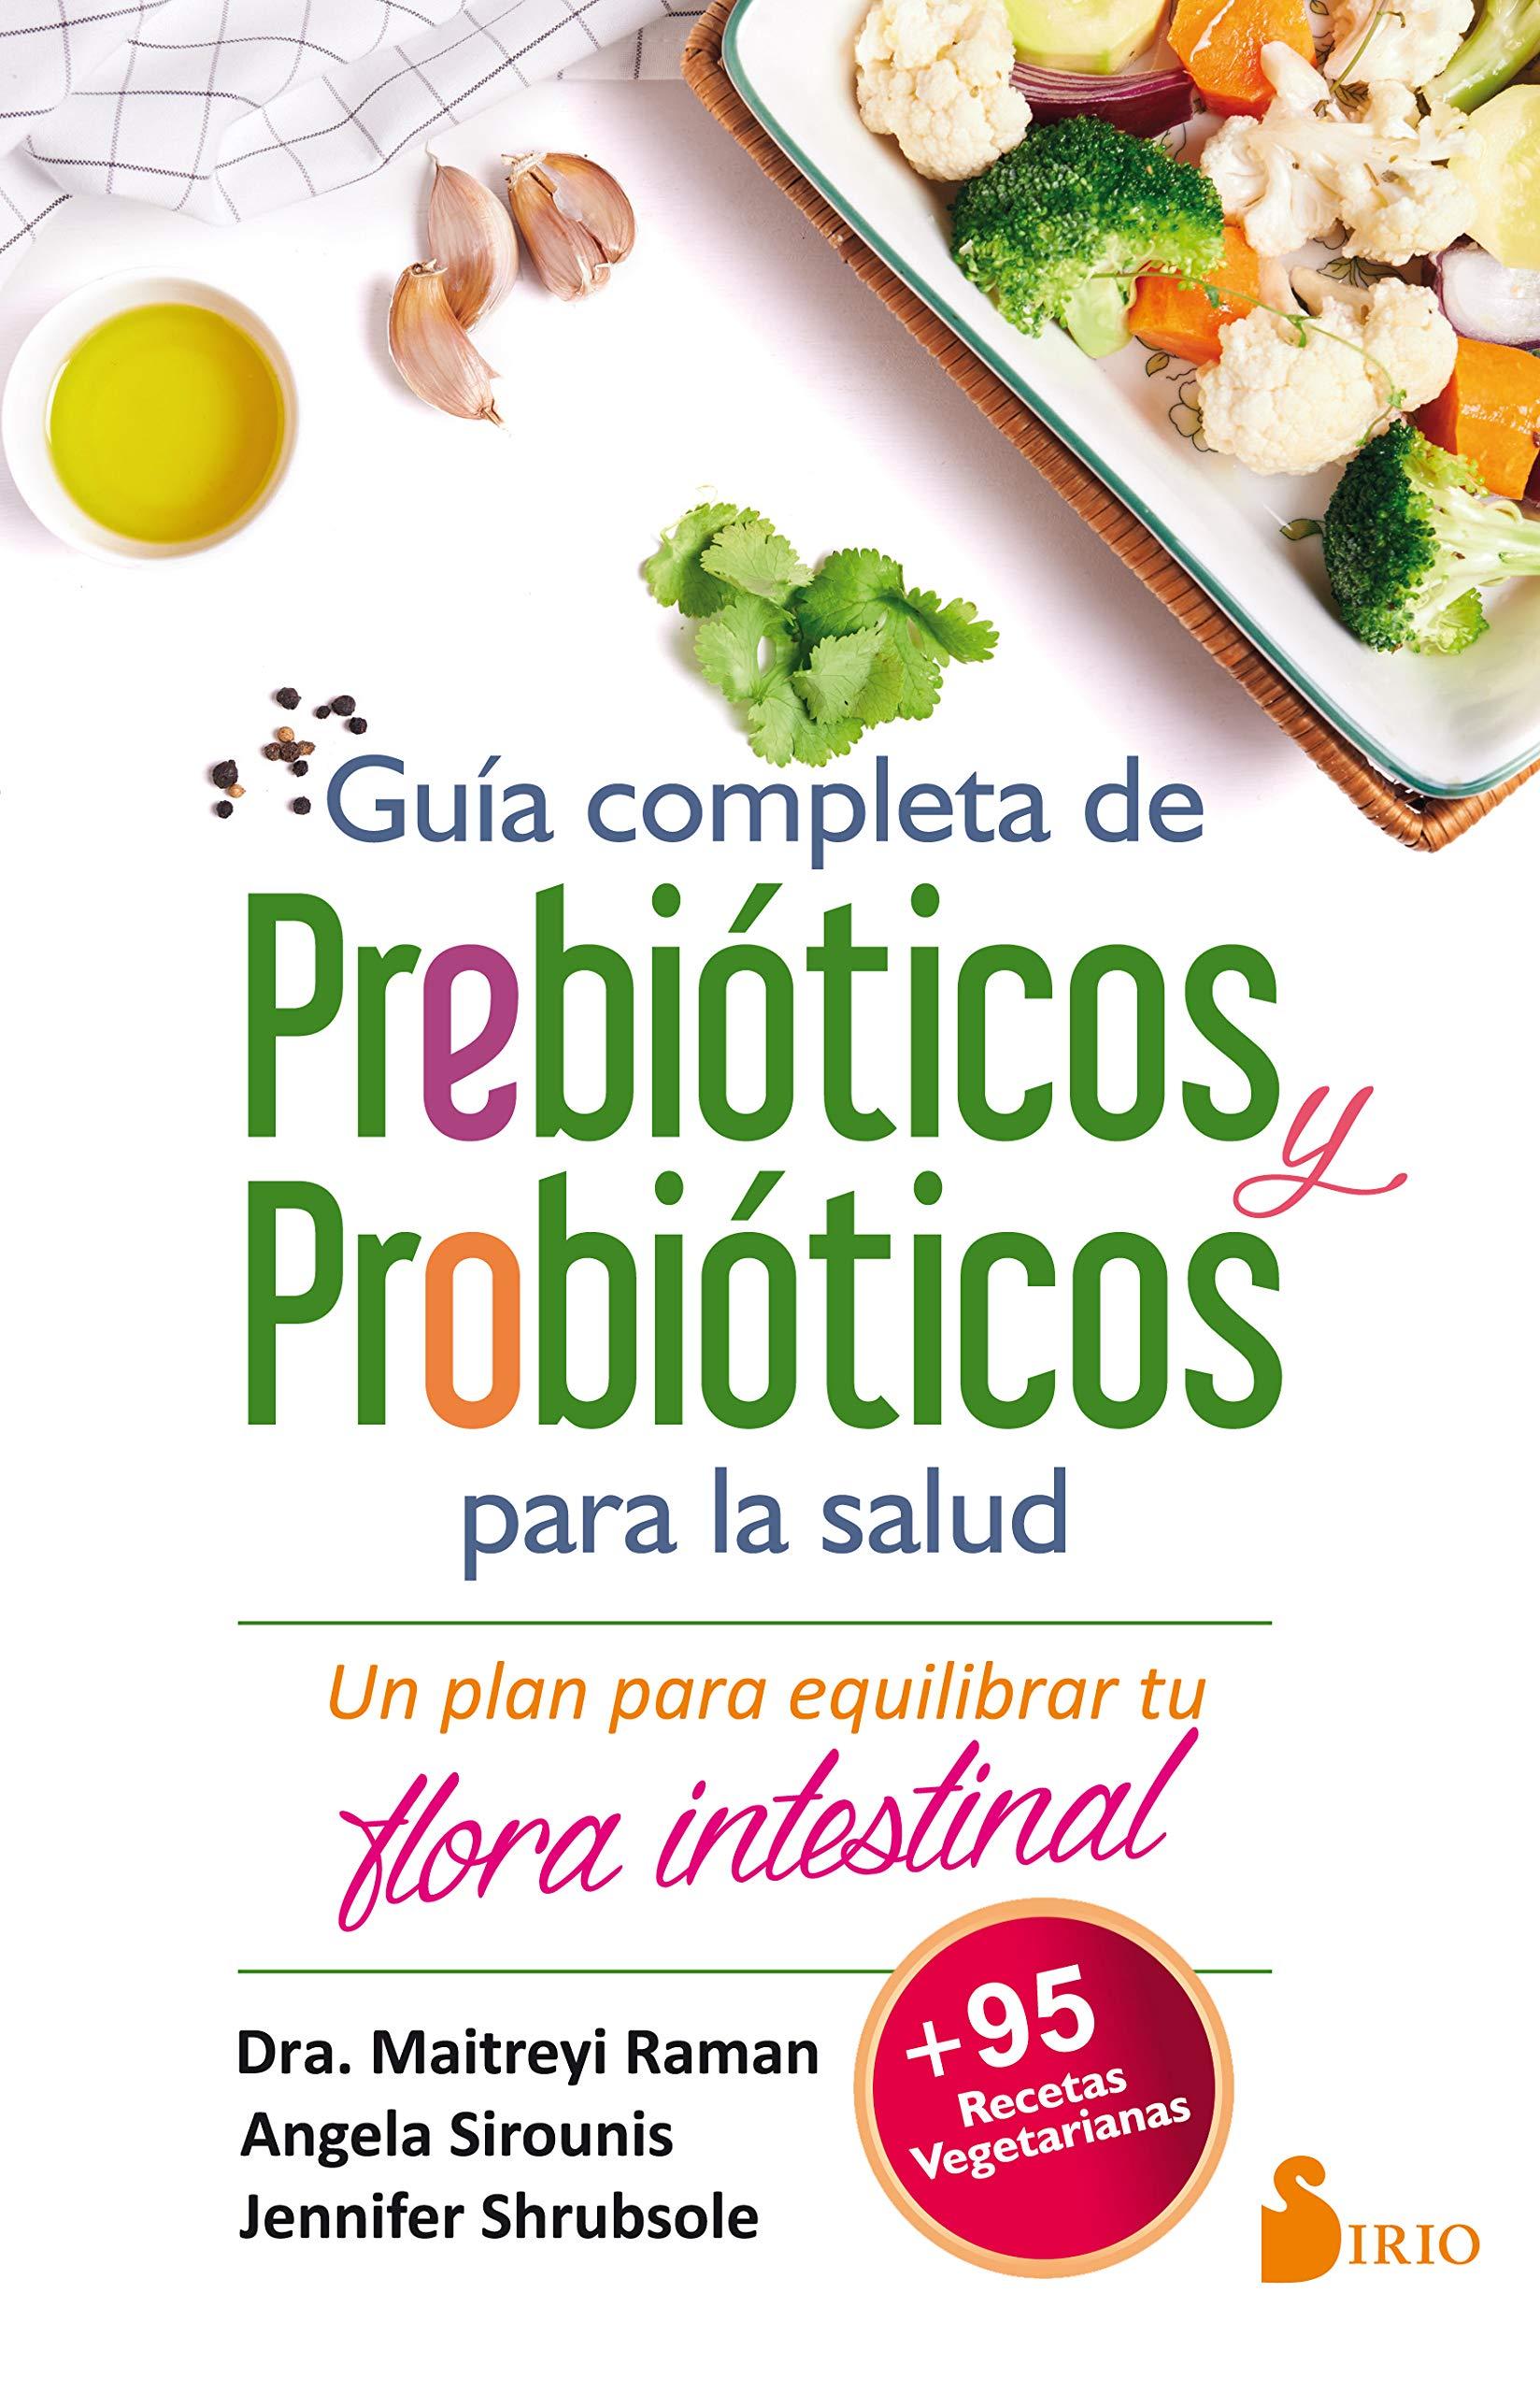 Guía completa de prebióticos y prebióticos: Un plan para equilibrar tu  flora intestinal: Maitreyi Raman, Angela Sirounis: Amazon.com.mx: Libros